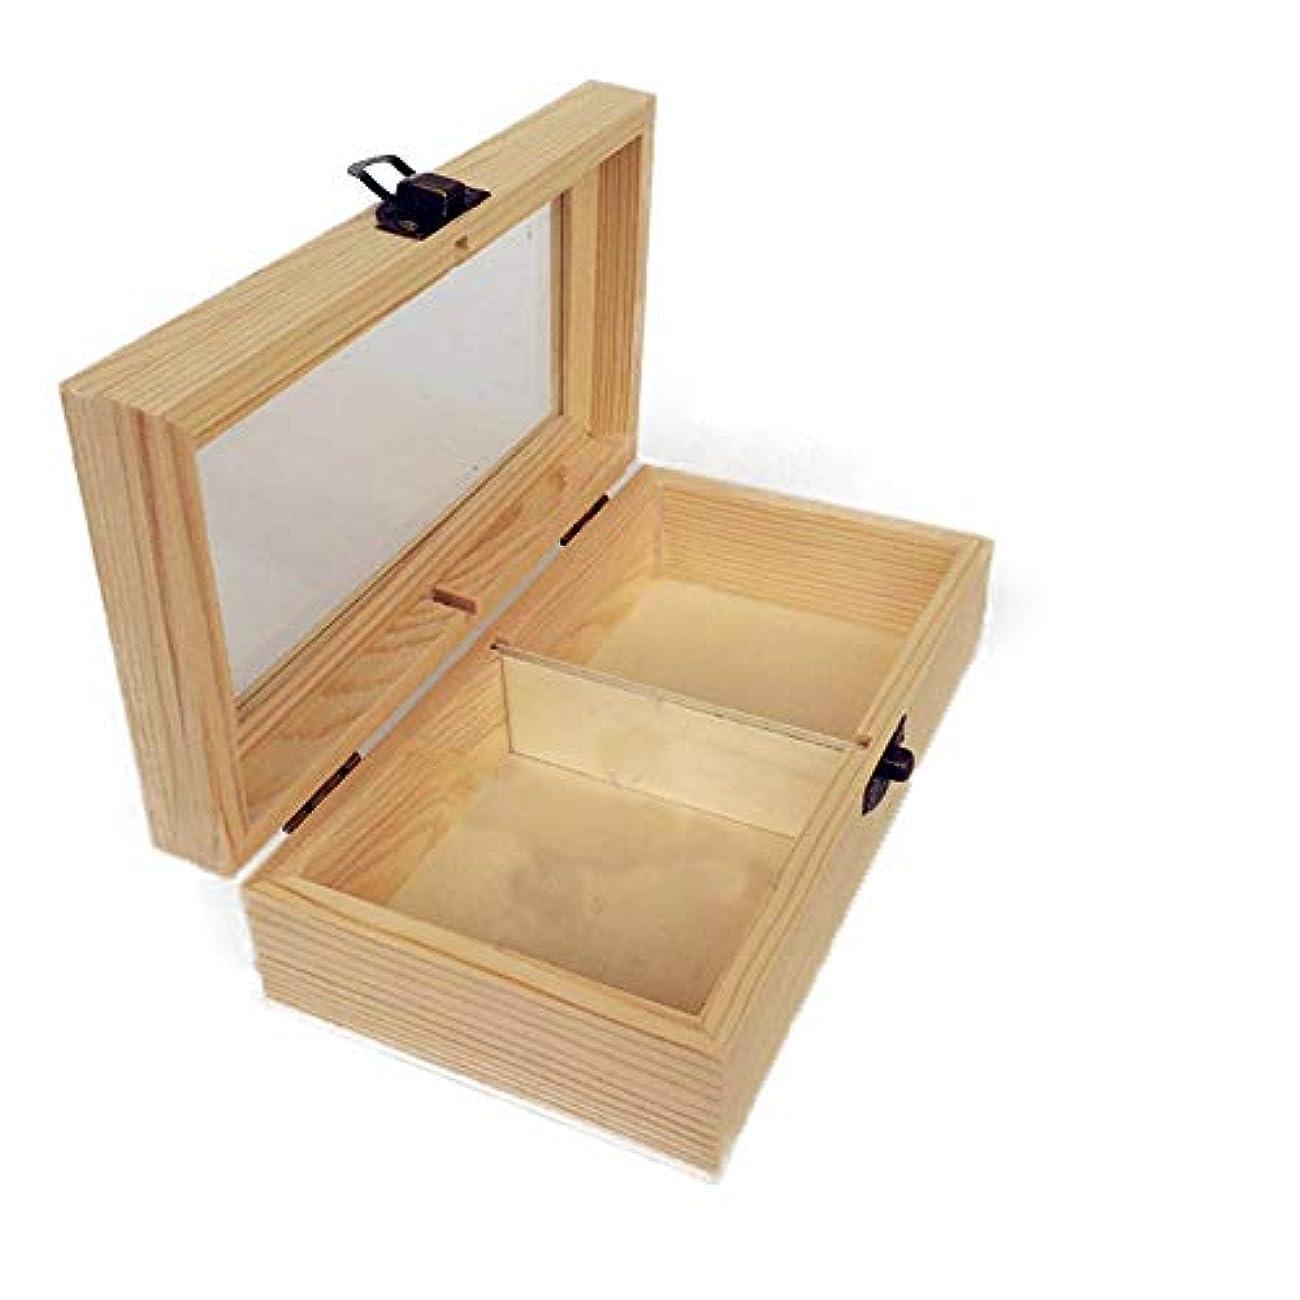 スノーケルうつ祝うエッセンシャルオイルストレージボックス プレゼンテーションのために手作りの木製ギフトボックスパーフェクトエッセンシャルオイルケースにエッセンシャルオイルは、被害太陽光からあなたの油を保護します 旅行およびプレゼンテーション用 (色 : Natural, サイズ : 18X10X5.5CM)